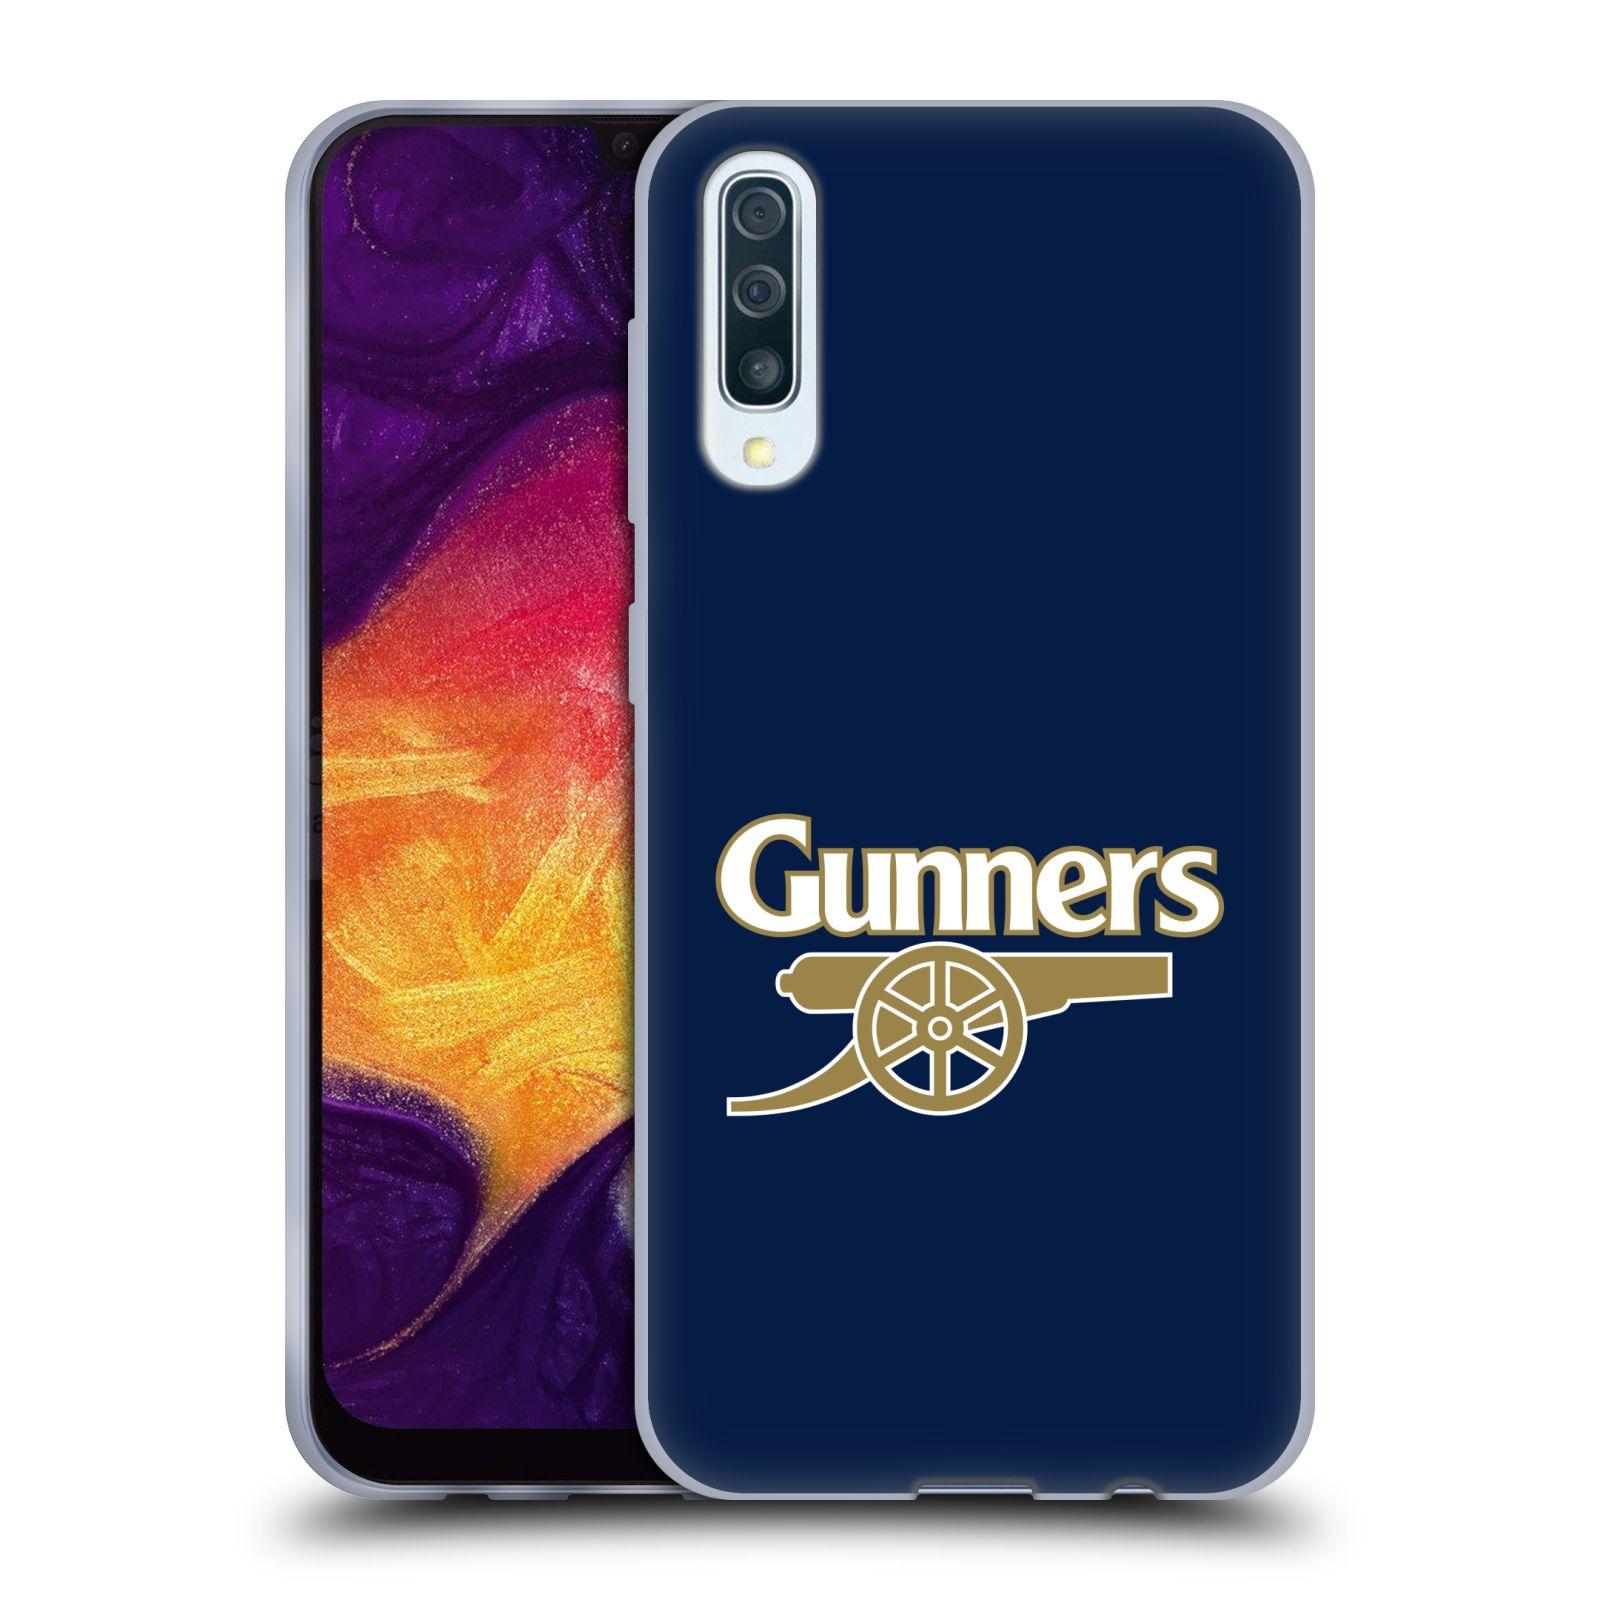 Silikonové pouzdro na mobil Samsung Galaxy A50 / A30s - Head Case - Arsenal FC - Gunners